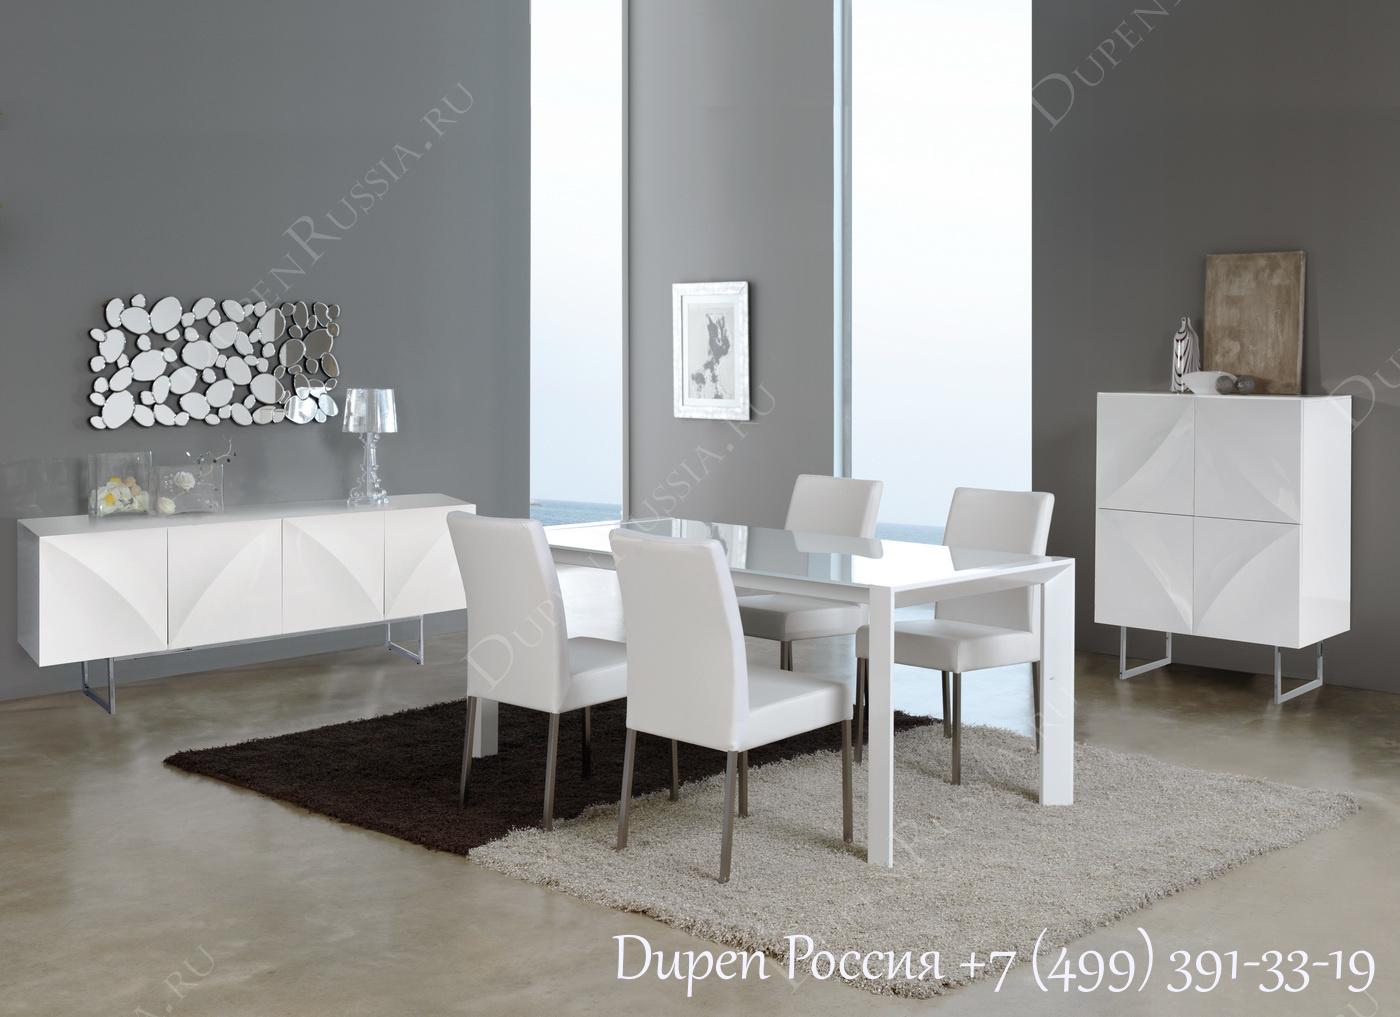 Обеденный стол DUPEN DT-11 Раскладной Белый, стулья DUPEN DC-101, Буфет DUPEN W-101 Белый, Буфет DUPEN W-102 Белый